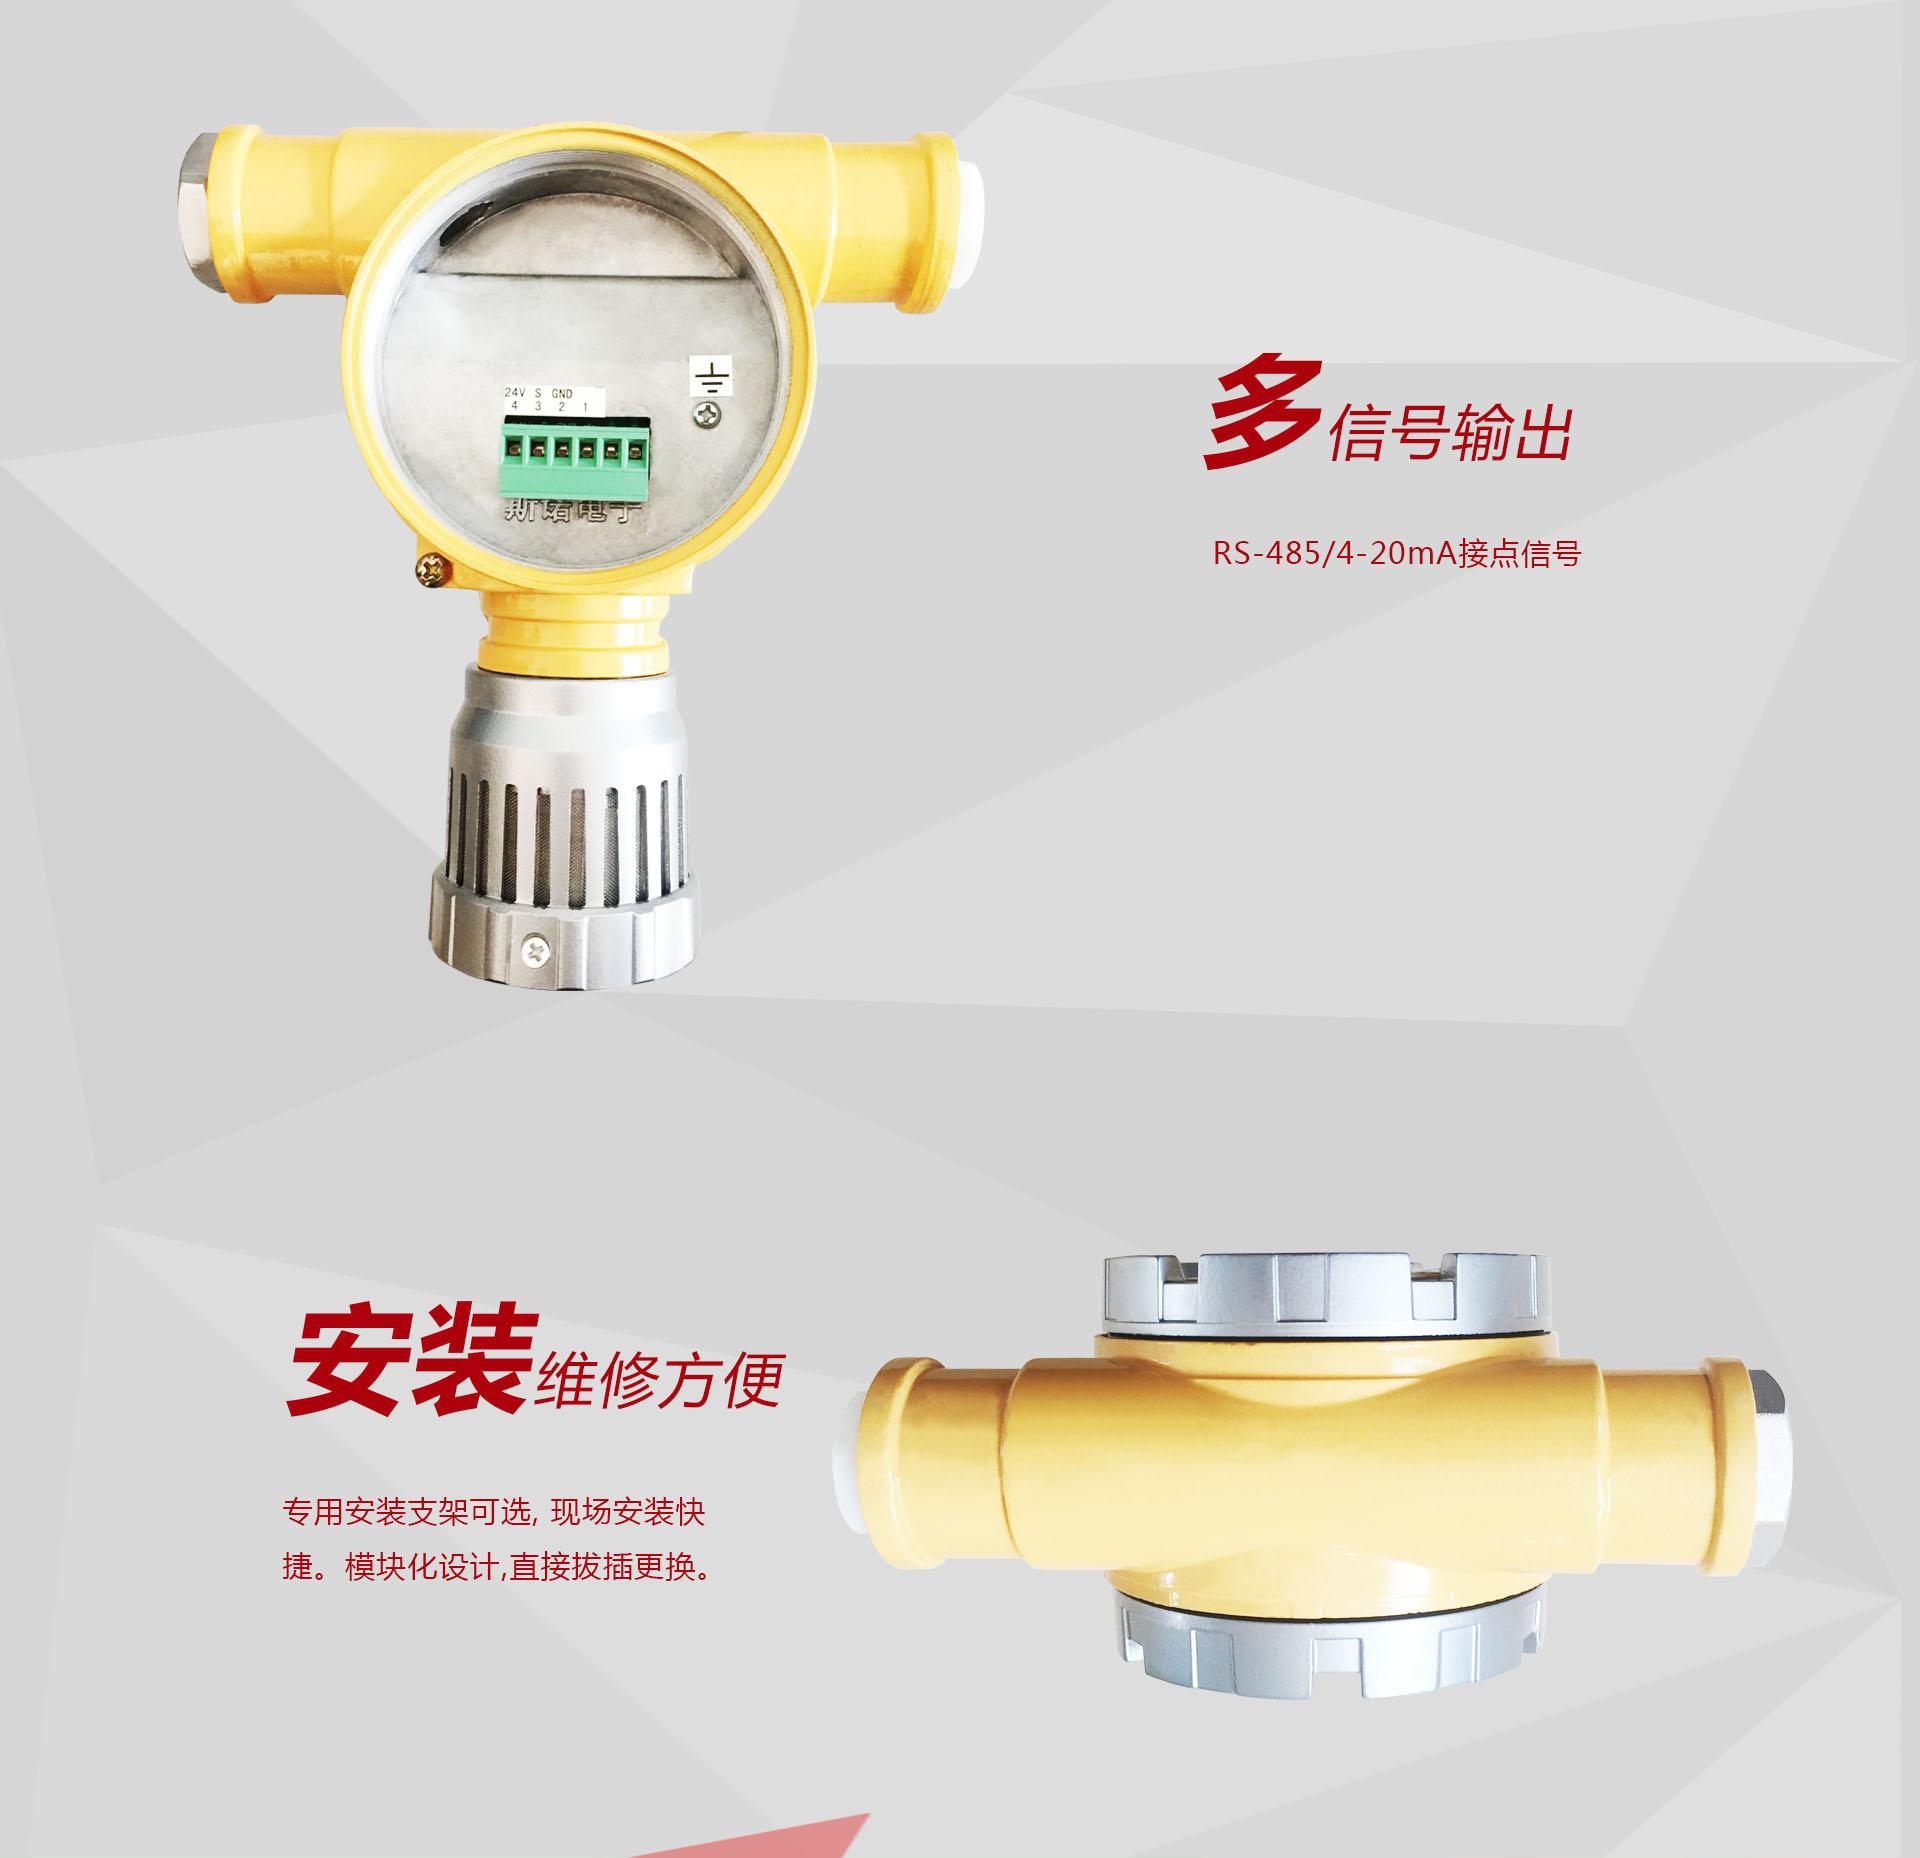 毒性气体探测器(非数显)2.jpg